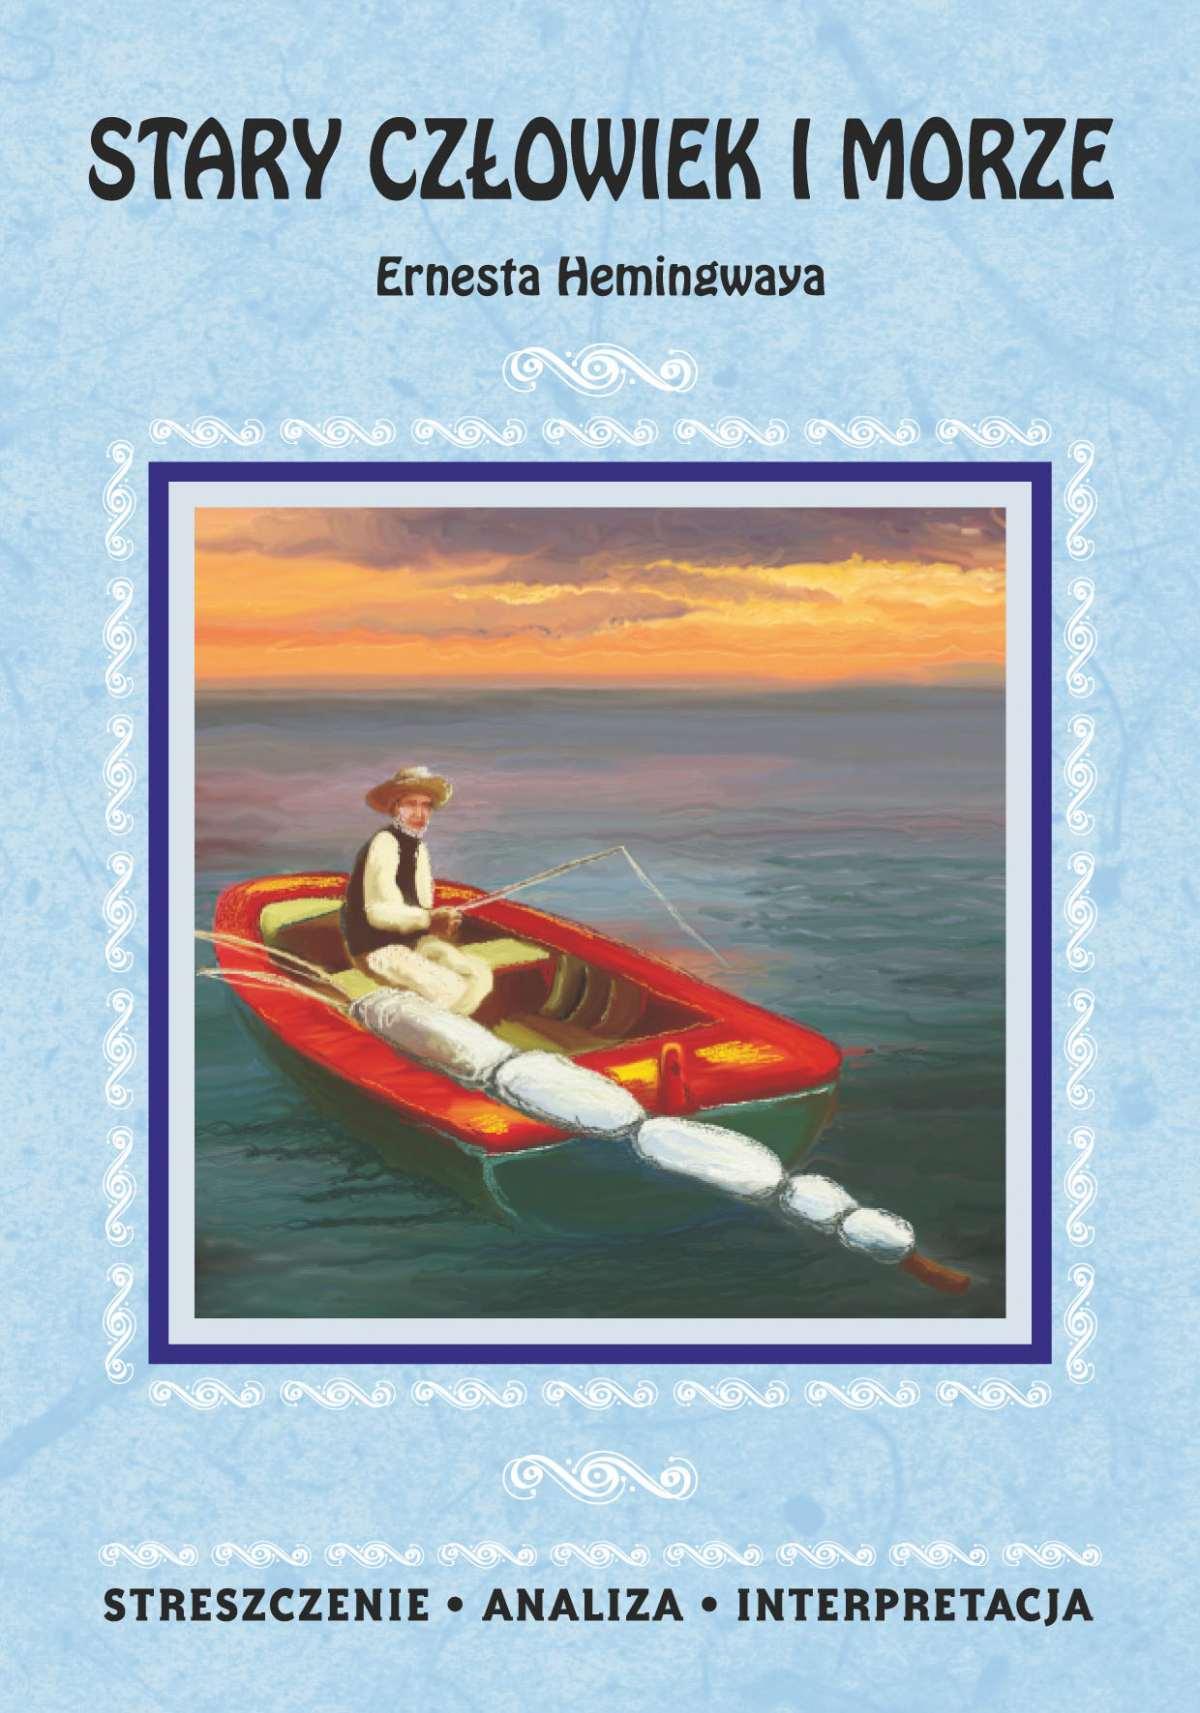 Stary człowiek i morze Ernesta Hemingwaya. Streszczenie, analiza, interpretacja - Ebook (Książka PDF) do pobrania w formacie PDF